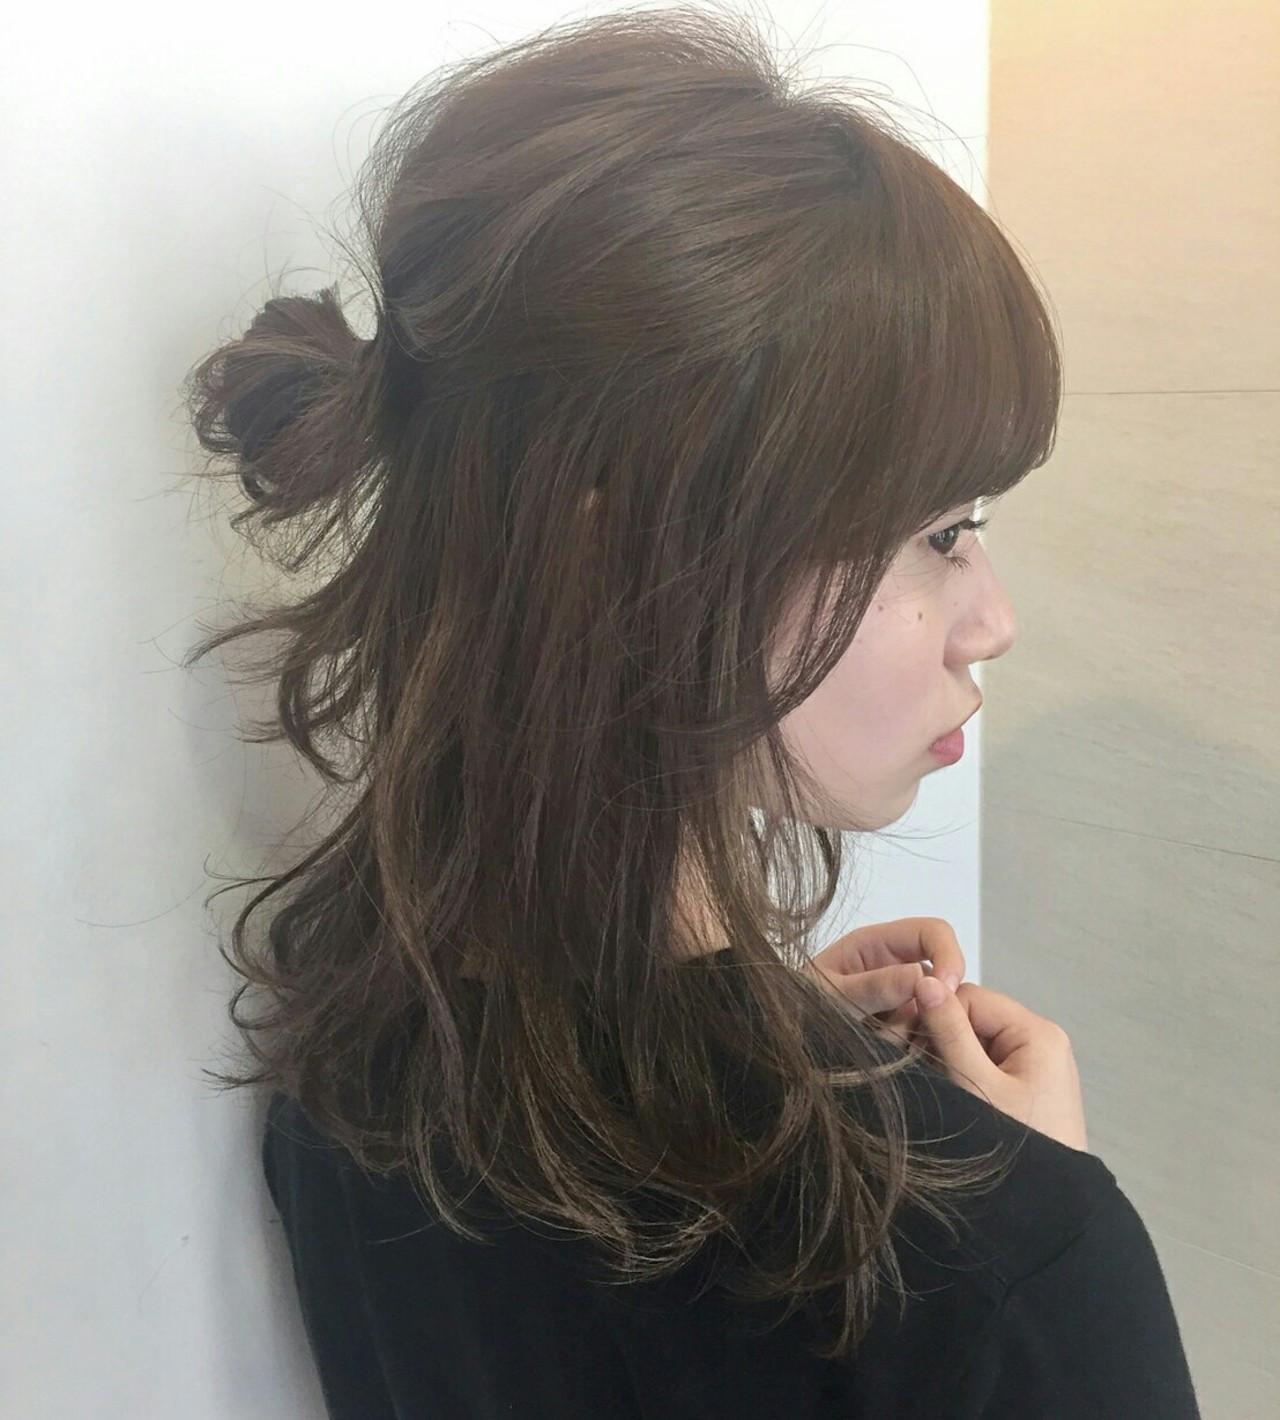 ナチュラル ハーフアップ ショート 簡単ヘアアレンジ ヘアスタイルや髪型の写真・画像